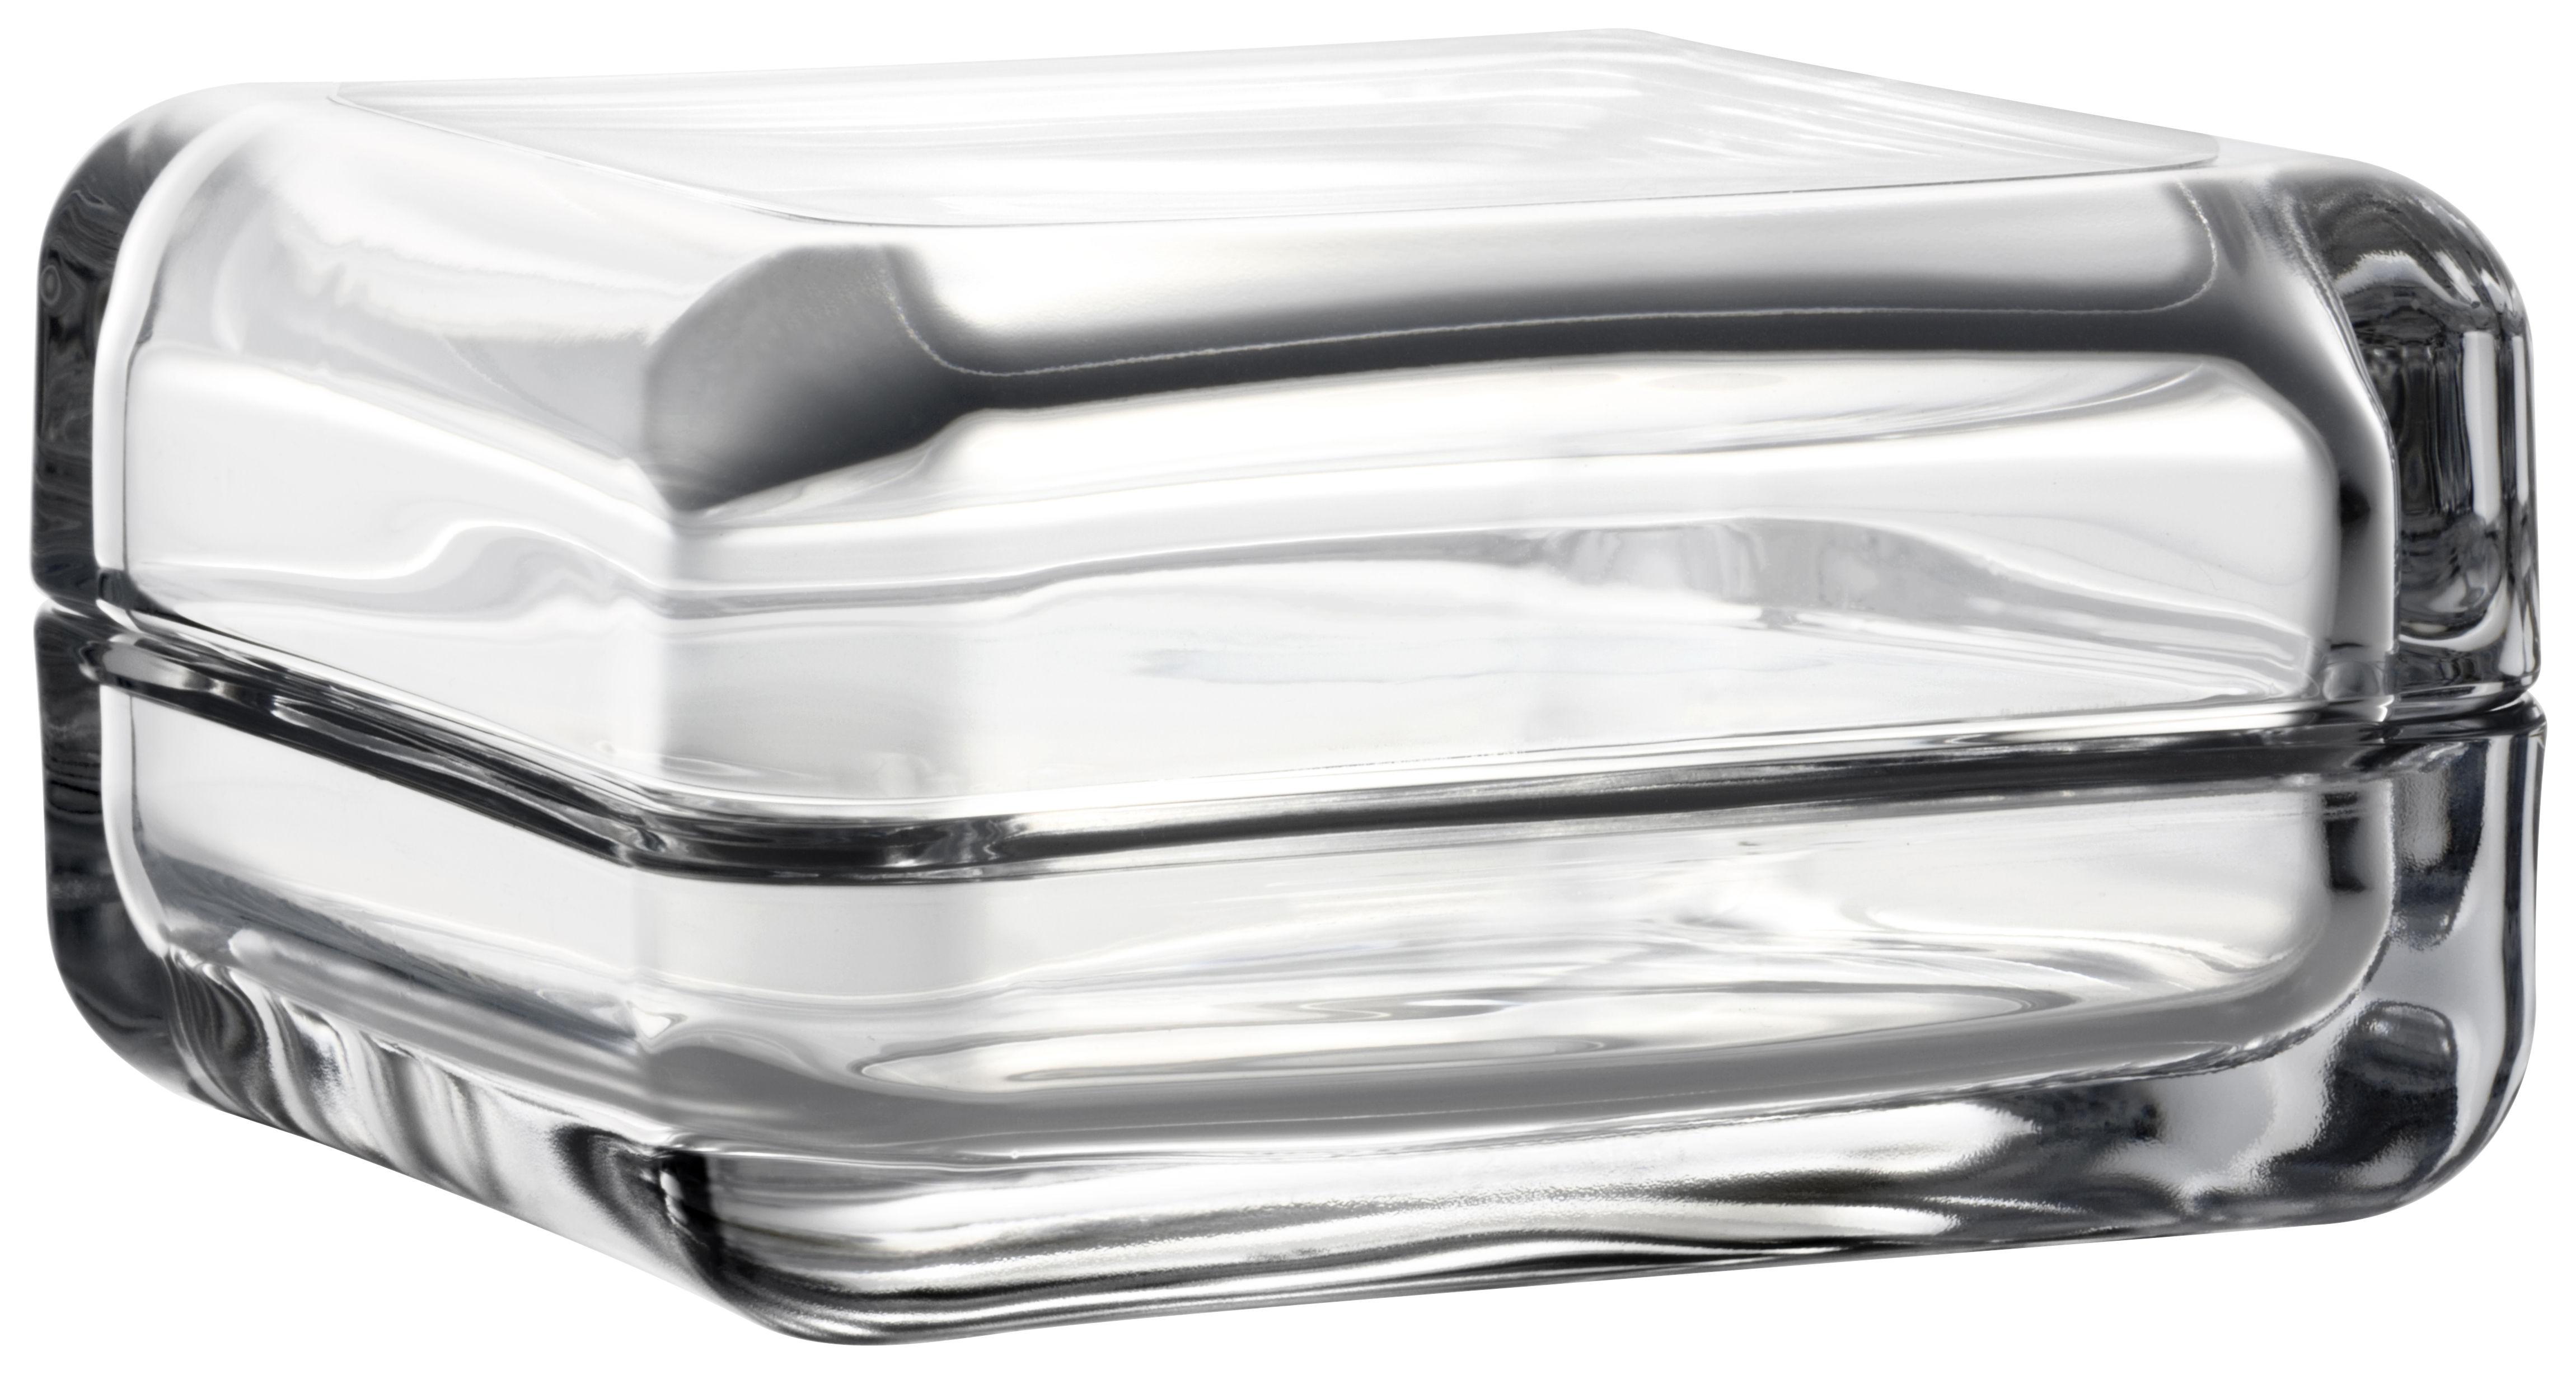 Déco - Boîtes déco - Boîte Vitriini / 11 x 11 cm - Iittala - Transparent - Verre